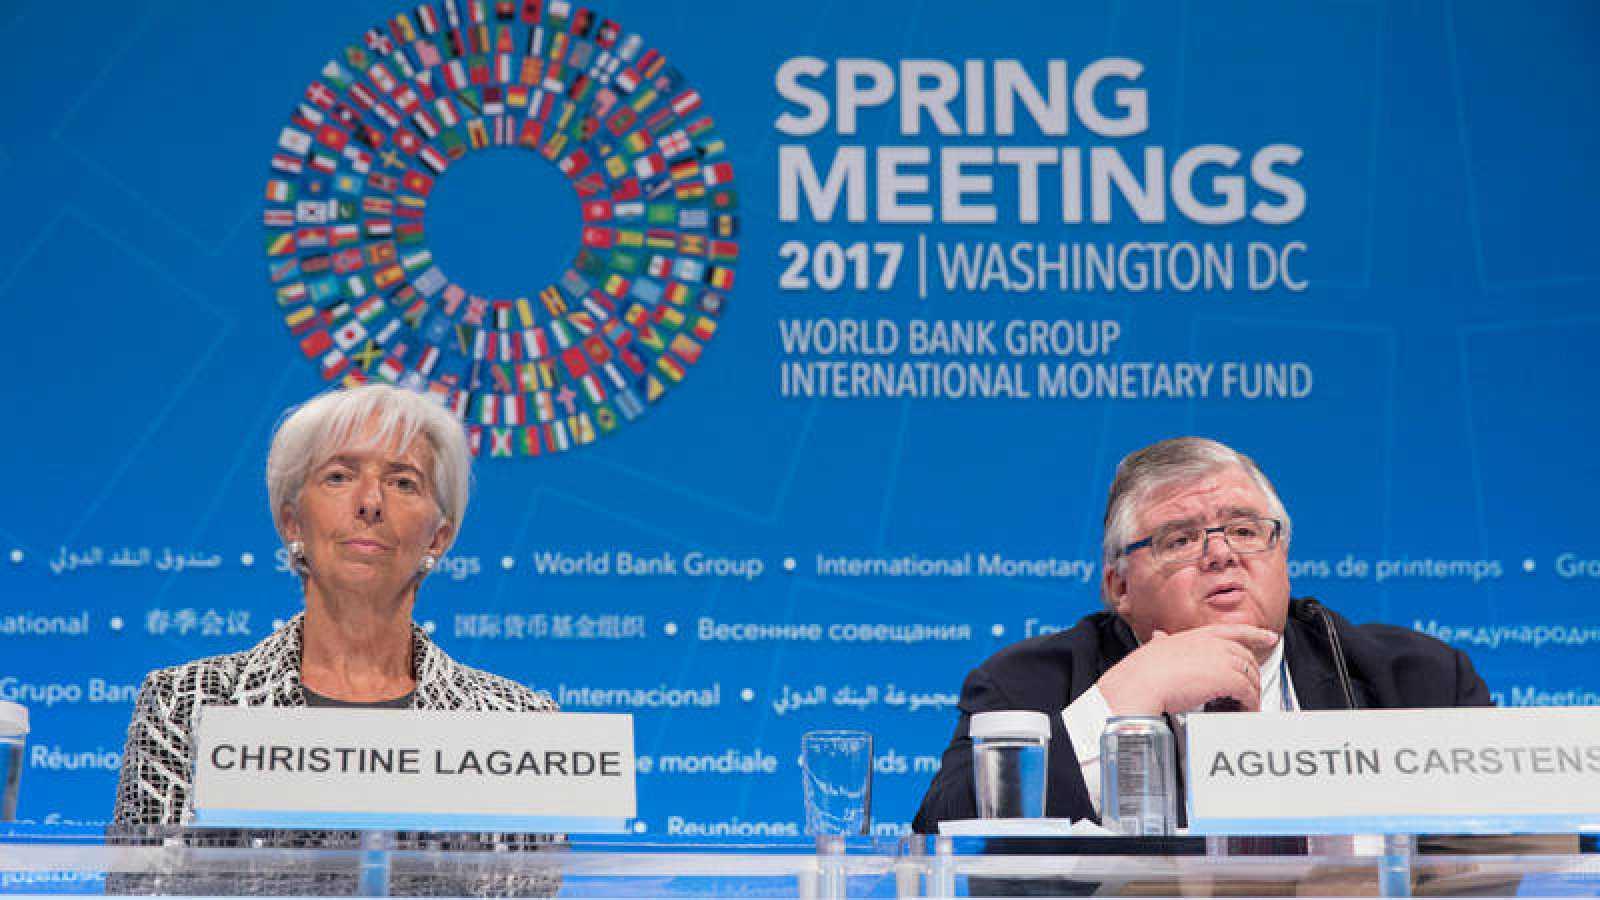 La directora gerente del FMI, Christine Lagarde, junto al gobernador del Banco de México y presidente del Comité Financiero y Monetario del FMI, Agustín Carstens